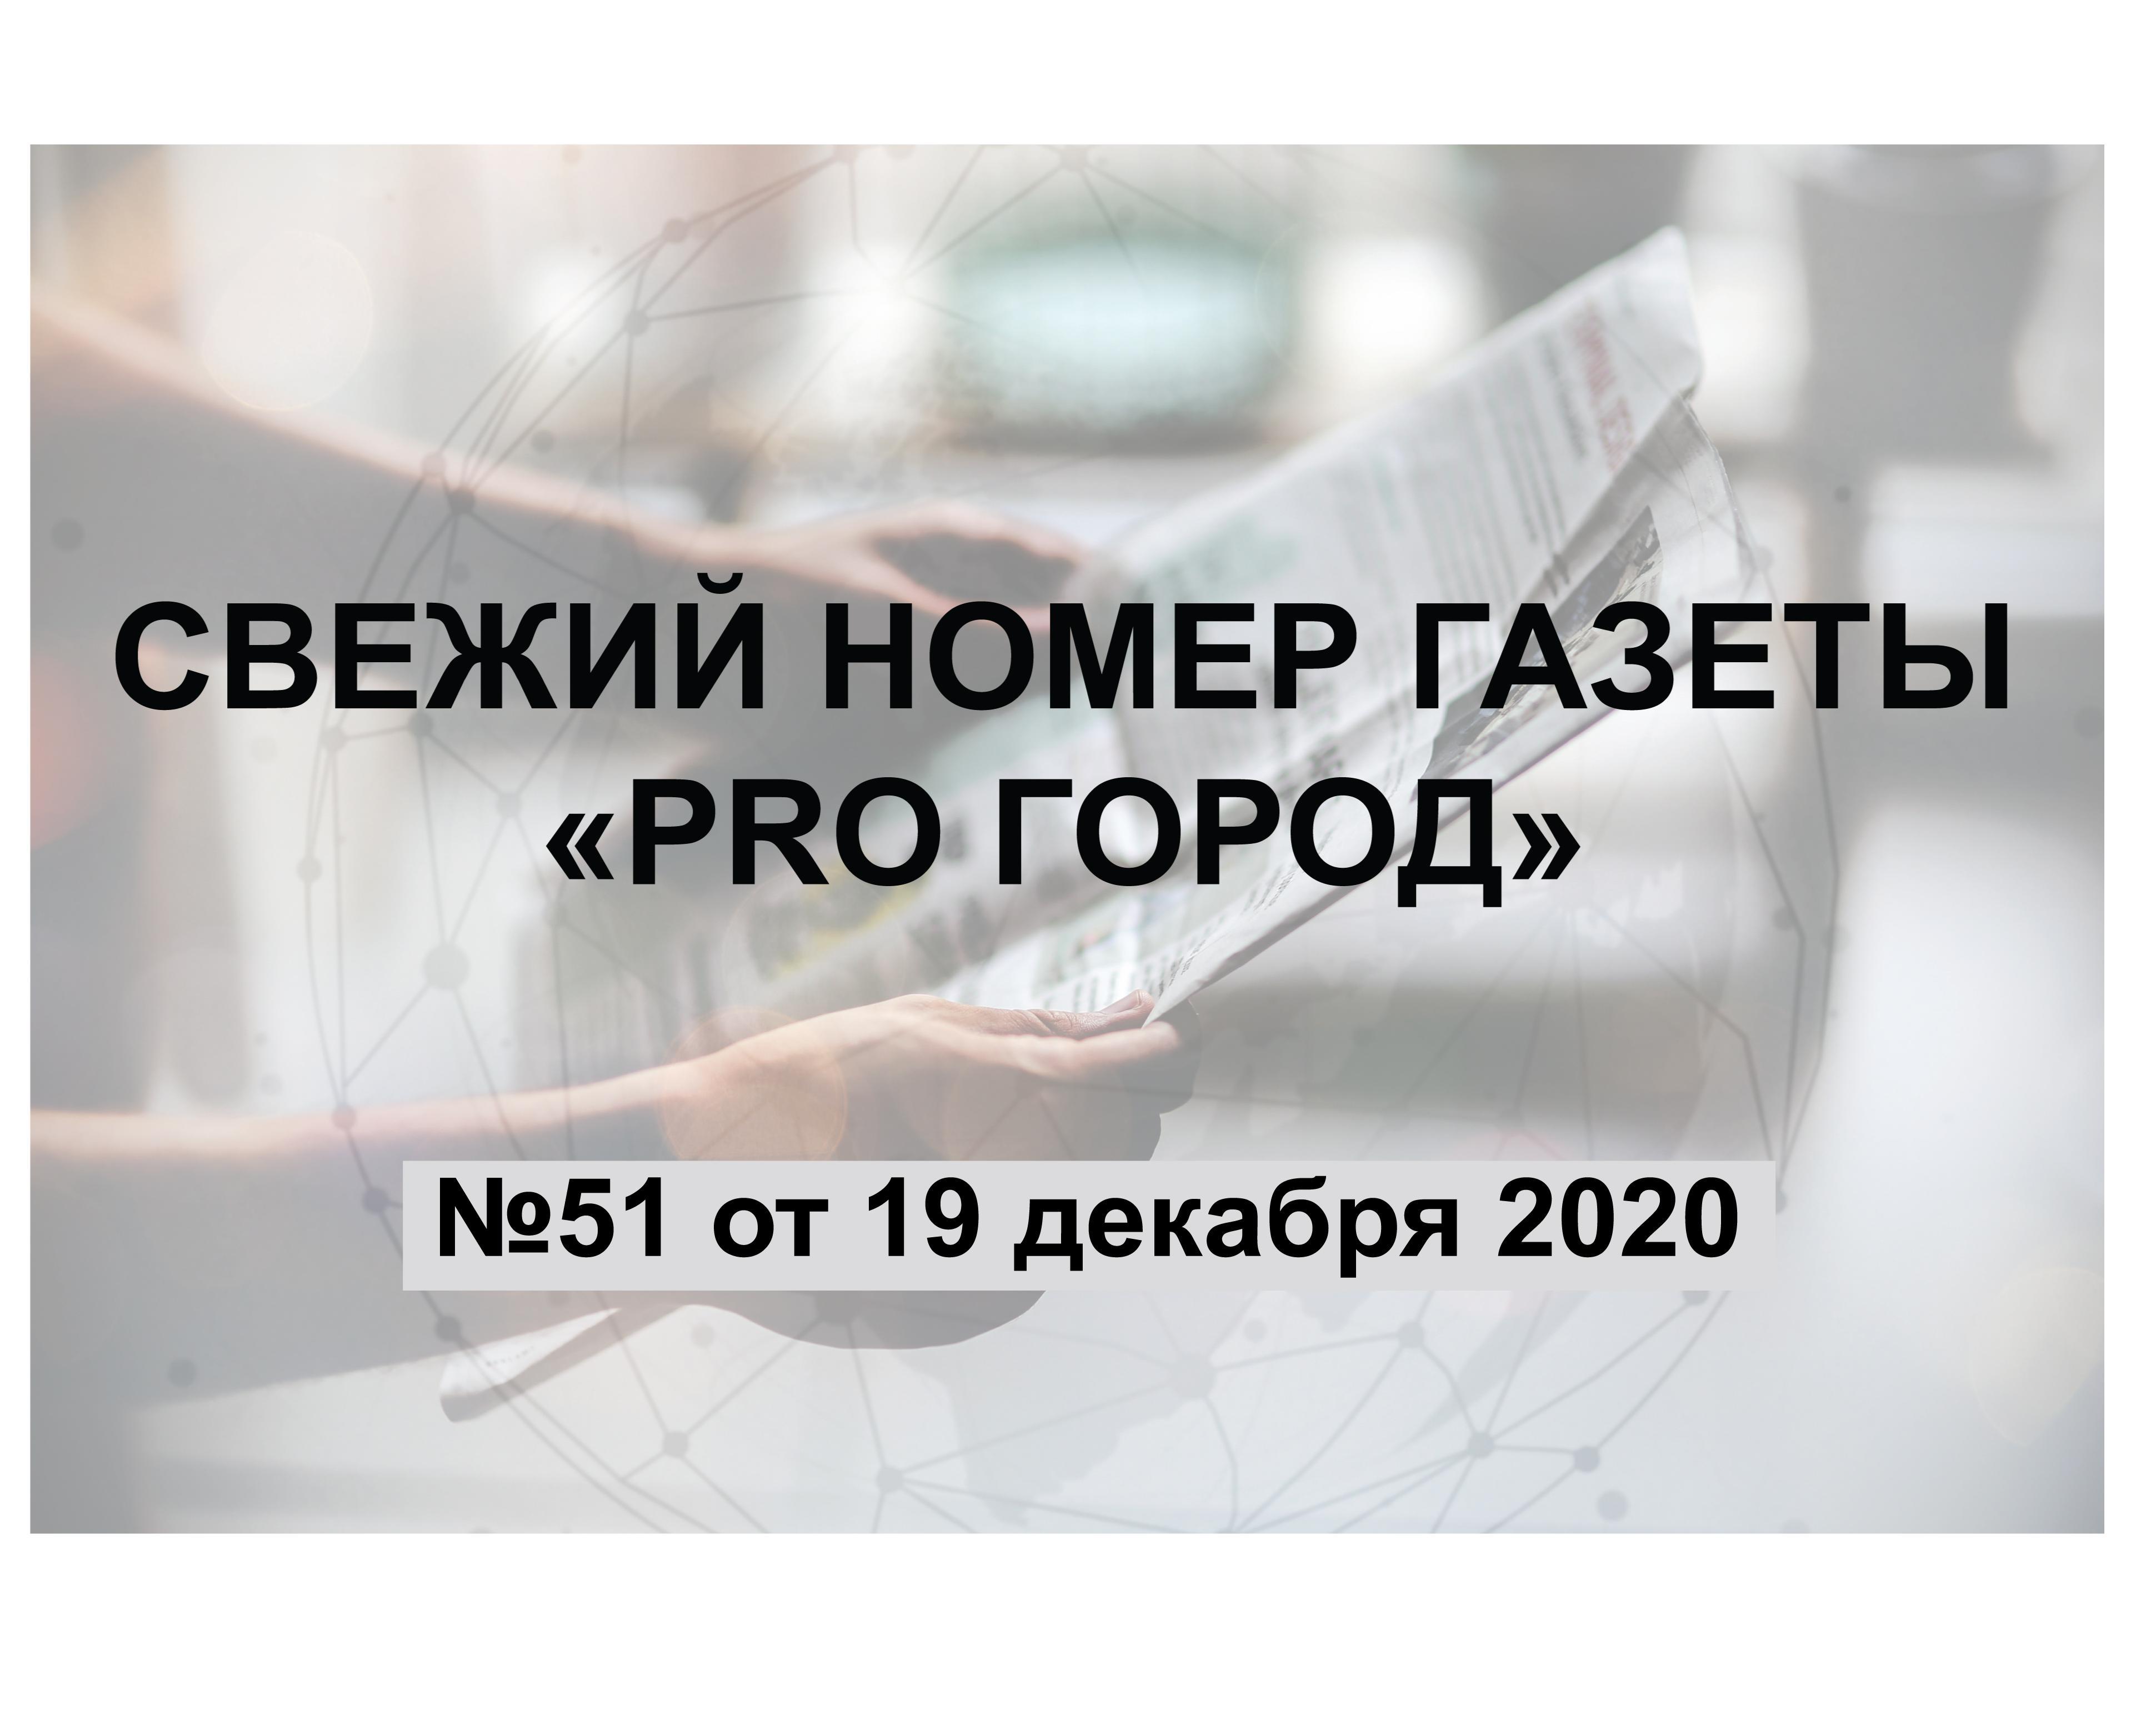 Газета «Pro Город Кирово-Чепецк» номер 51 от 19 декабря 2020 года